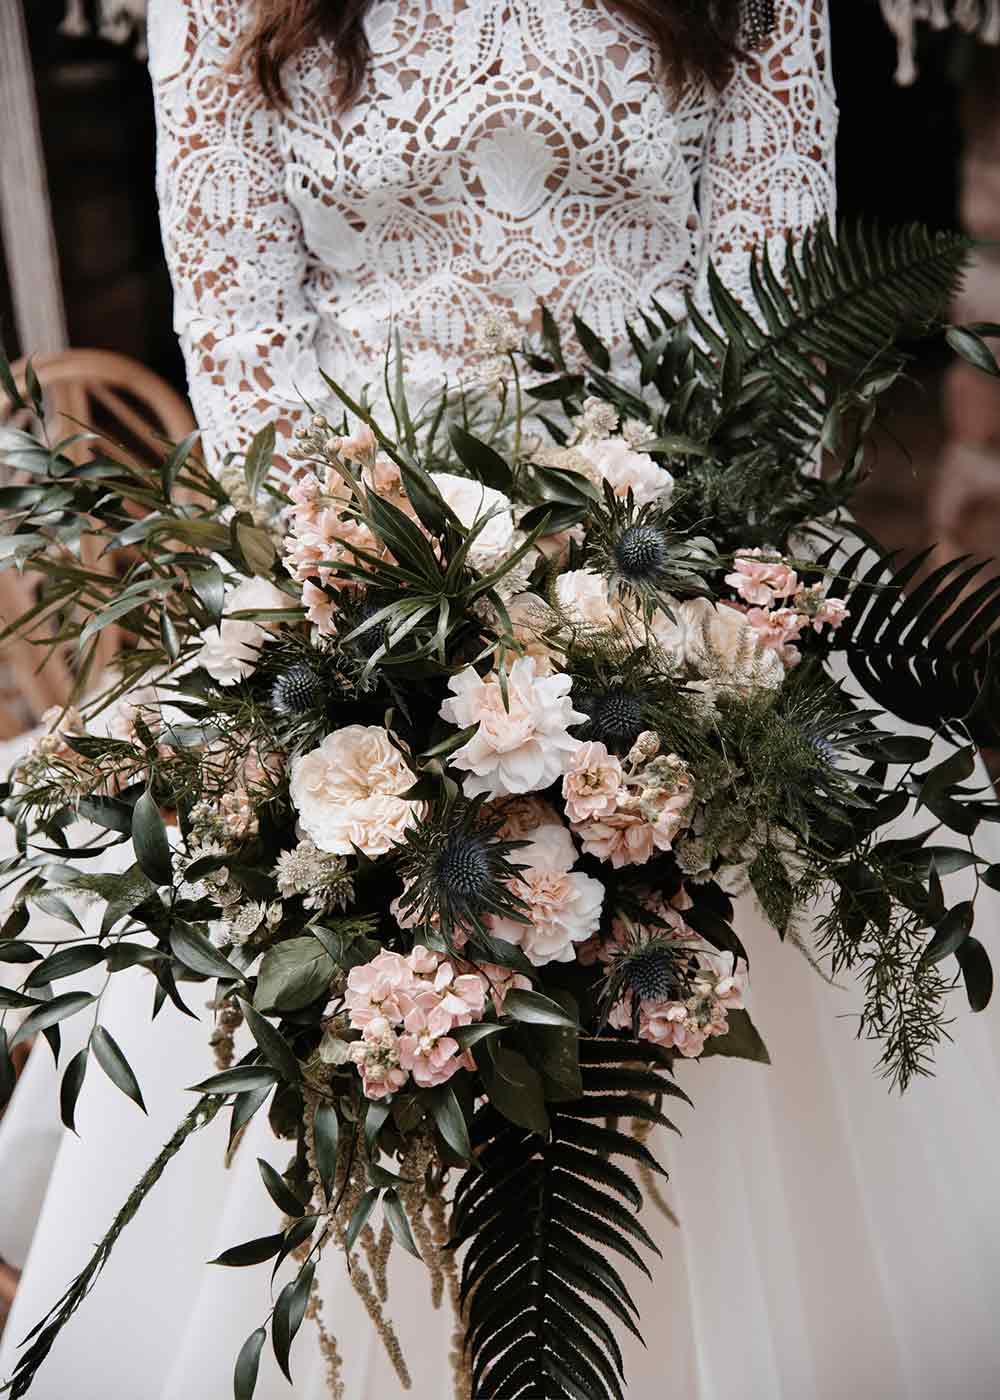 Der Brautstrauß besteht aus locker zusammengesteckten Wildblumen in Rosatönen und grünen Akzenten.